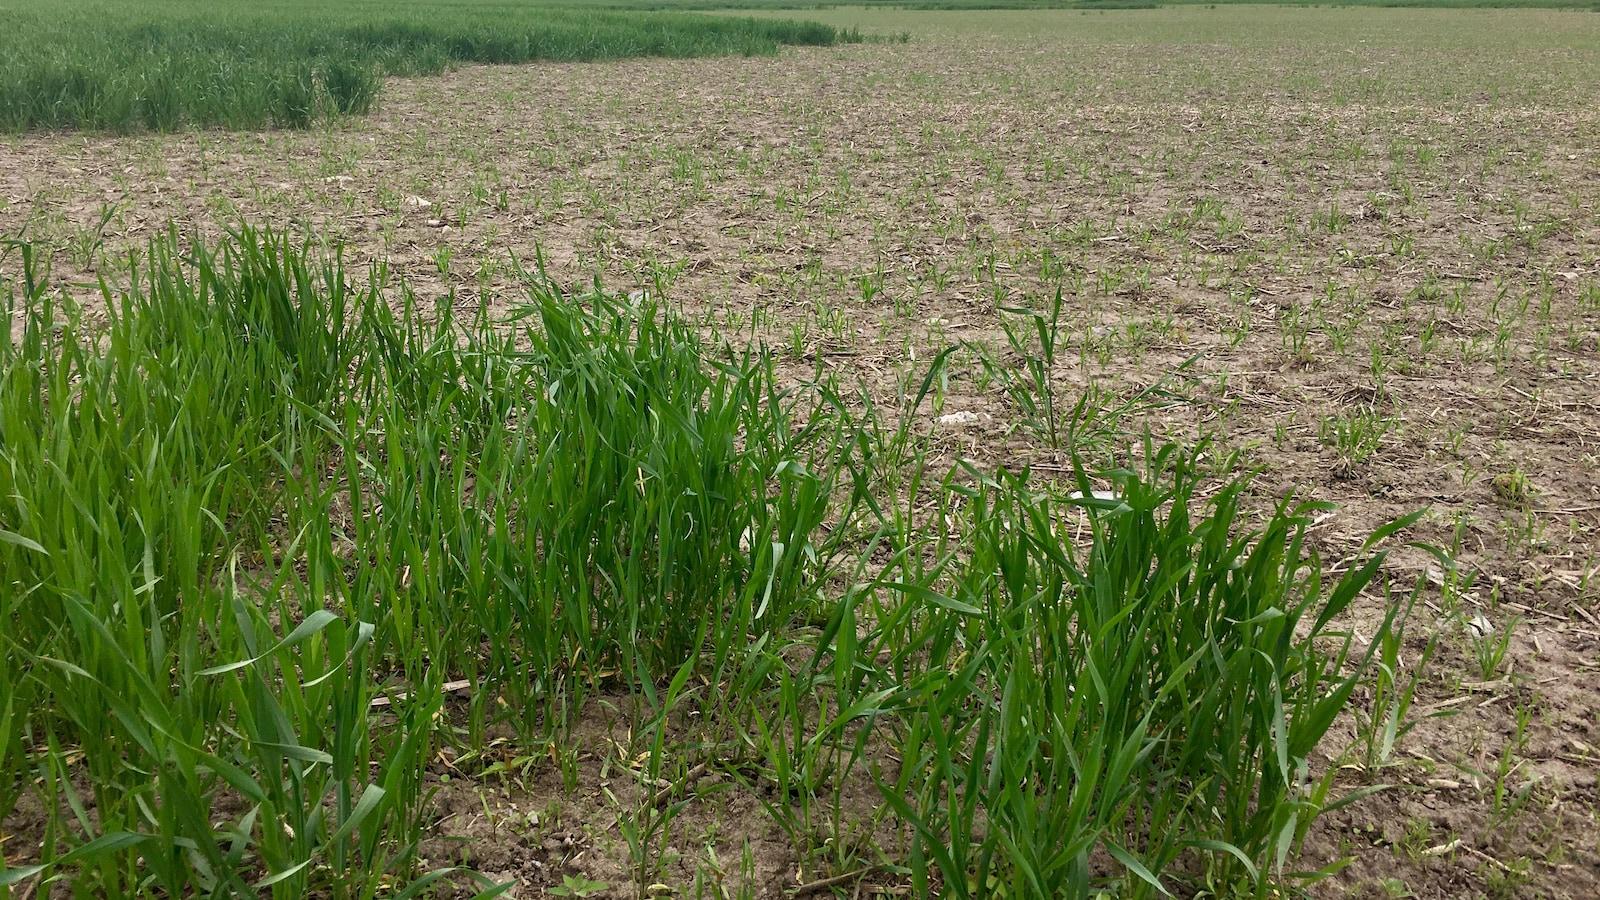 Un champ de blé éprouvé par l'hiver.